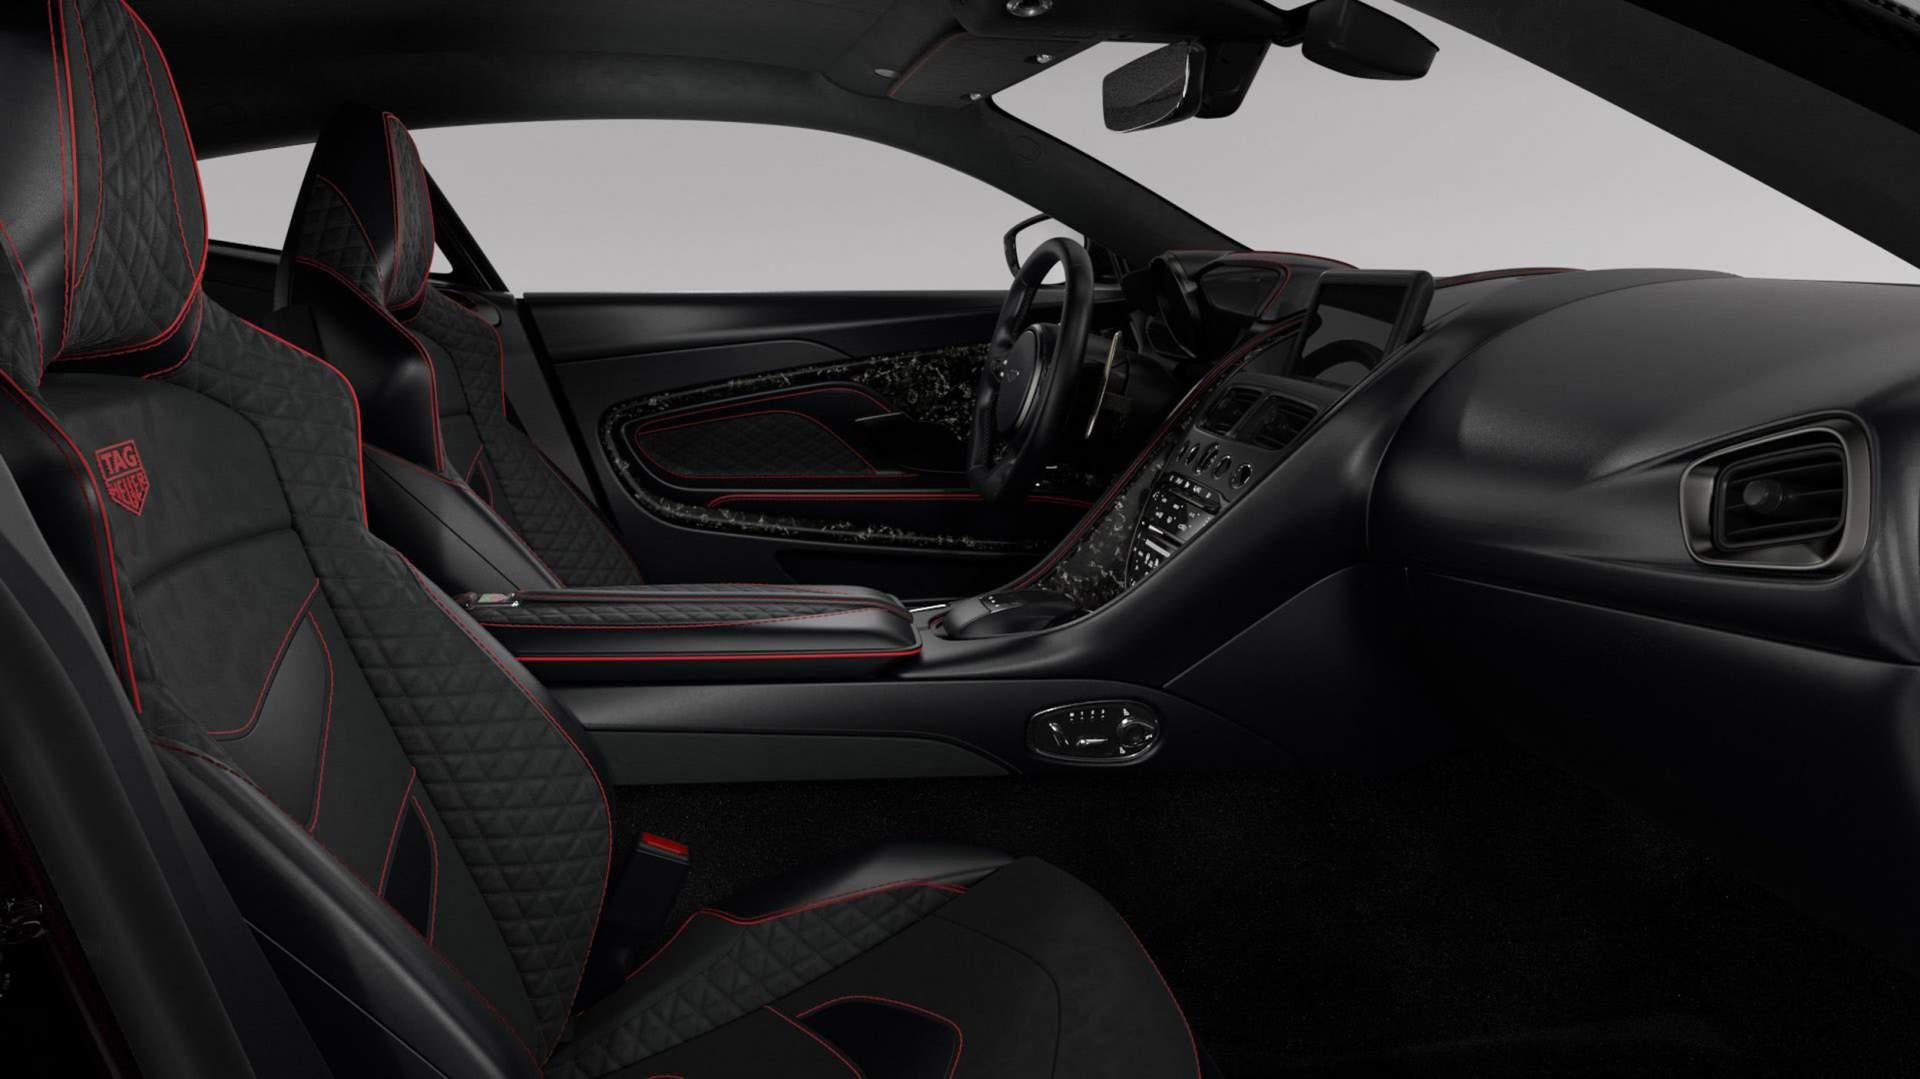 Aston Martin Dbs Superleggera Tag Hauer Edition 5